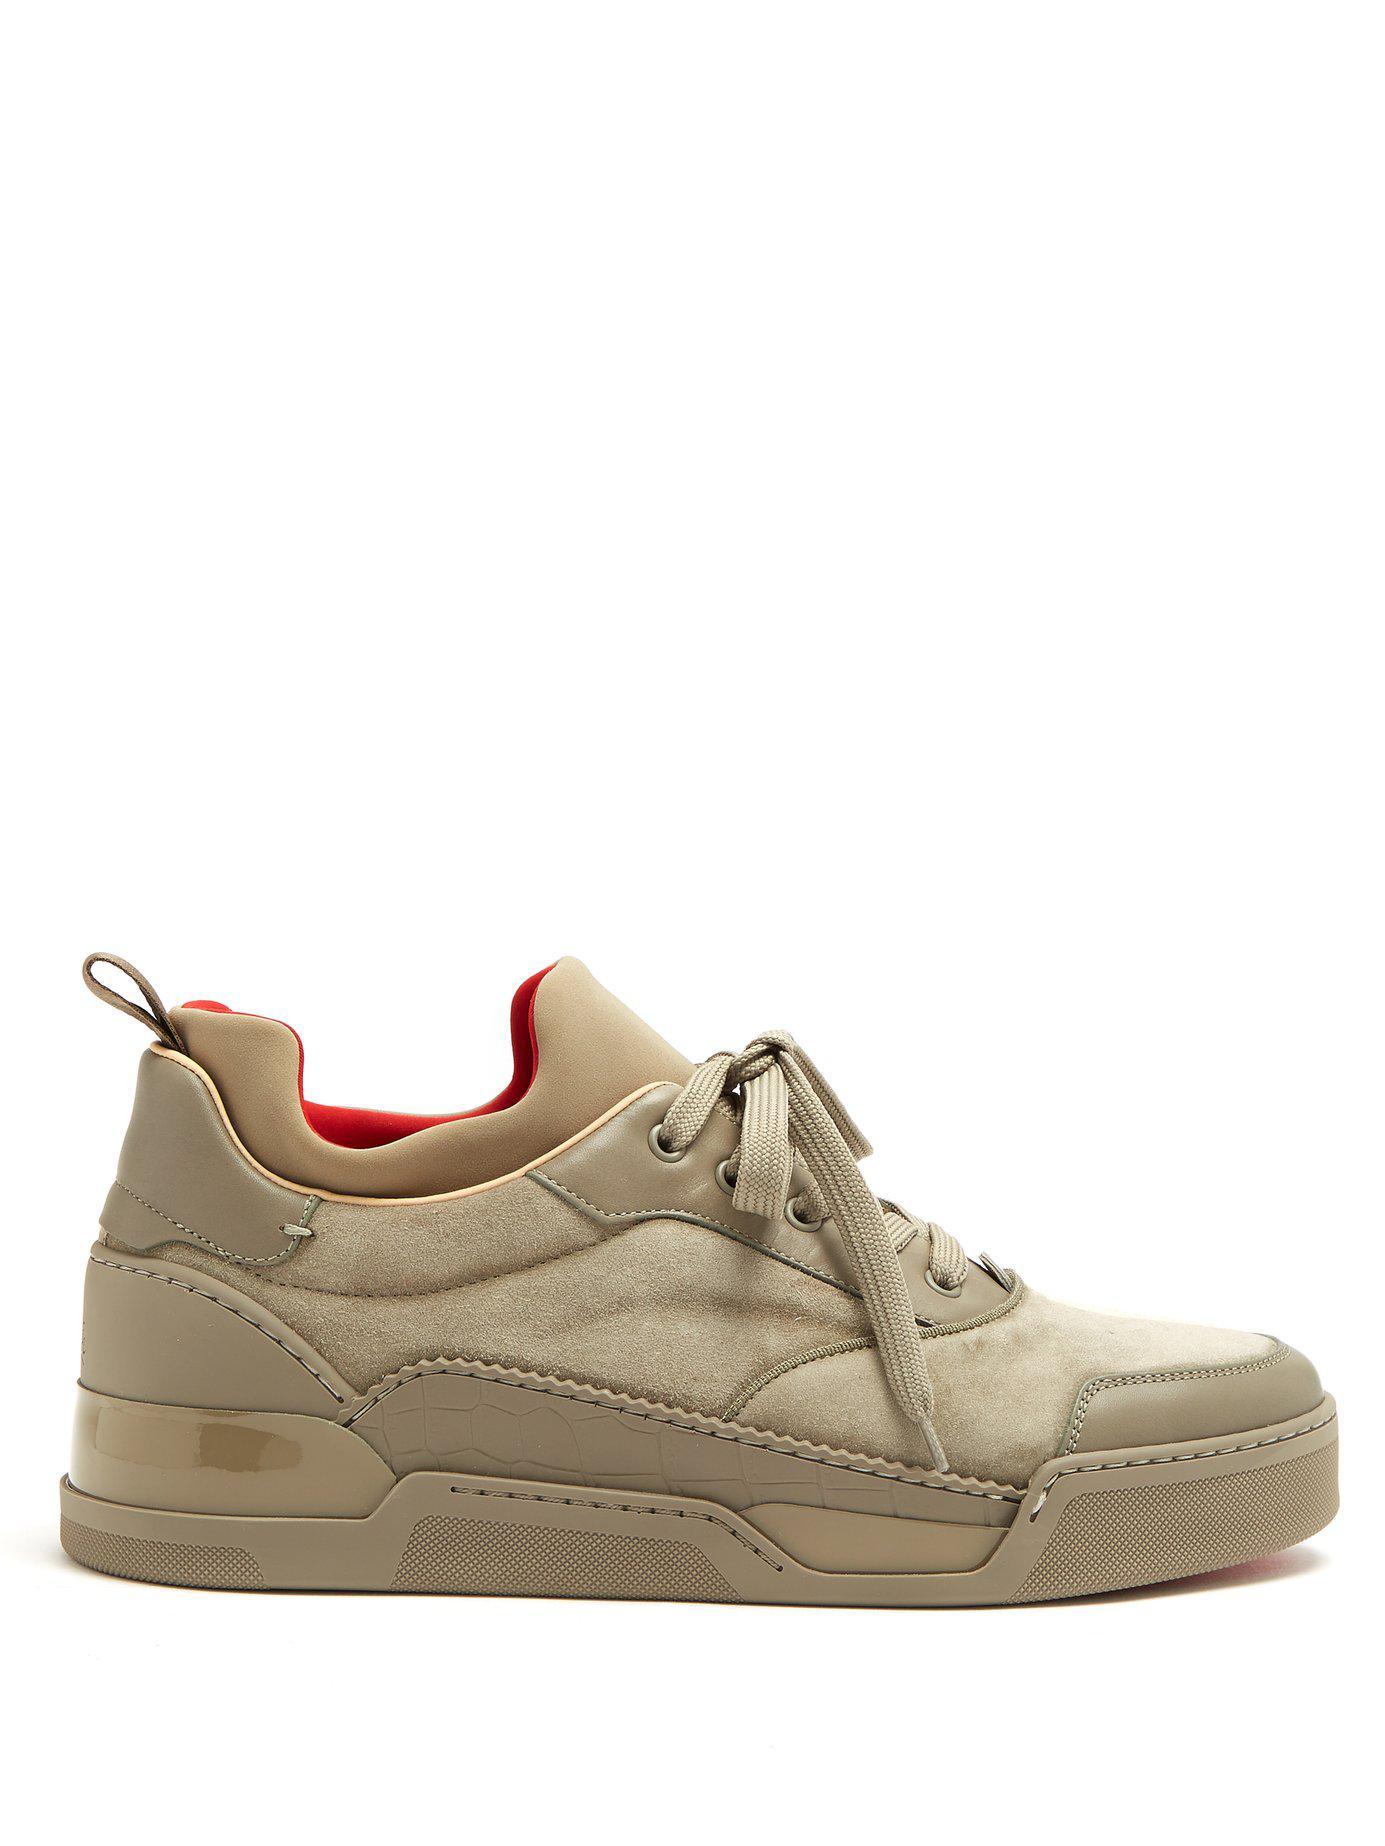 d10aae6d992 Men's Aurelien Low-top Suede Sneakers